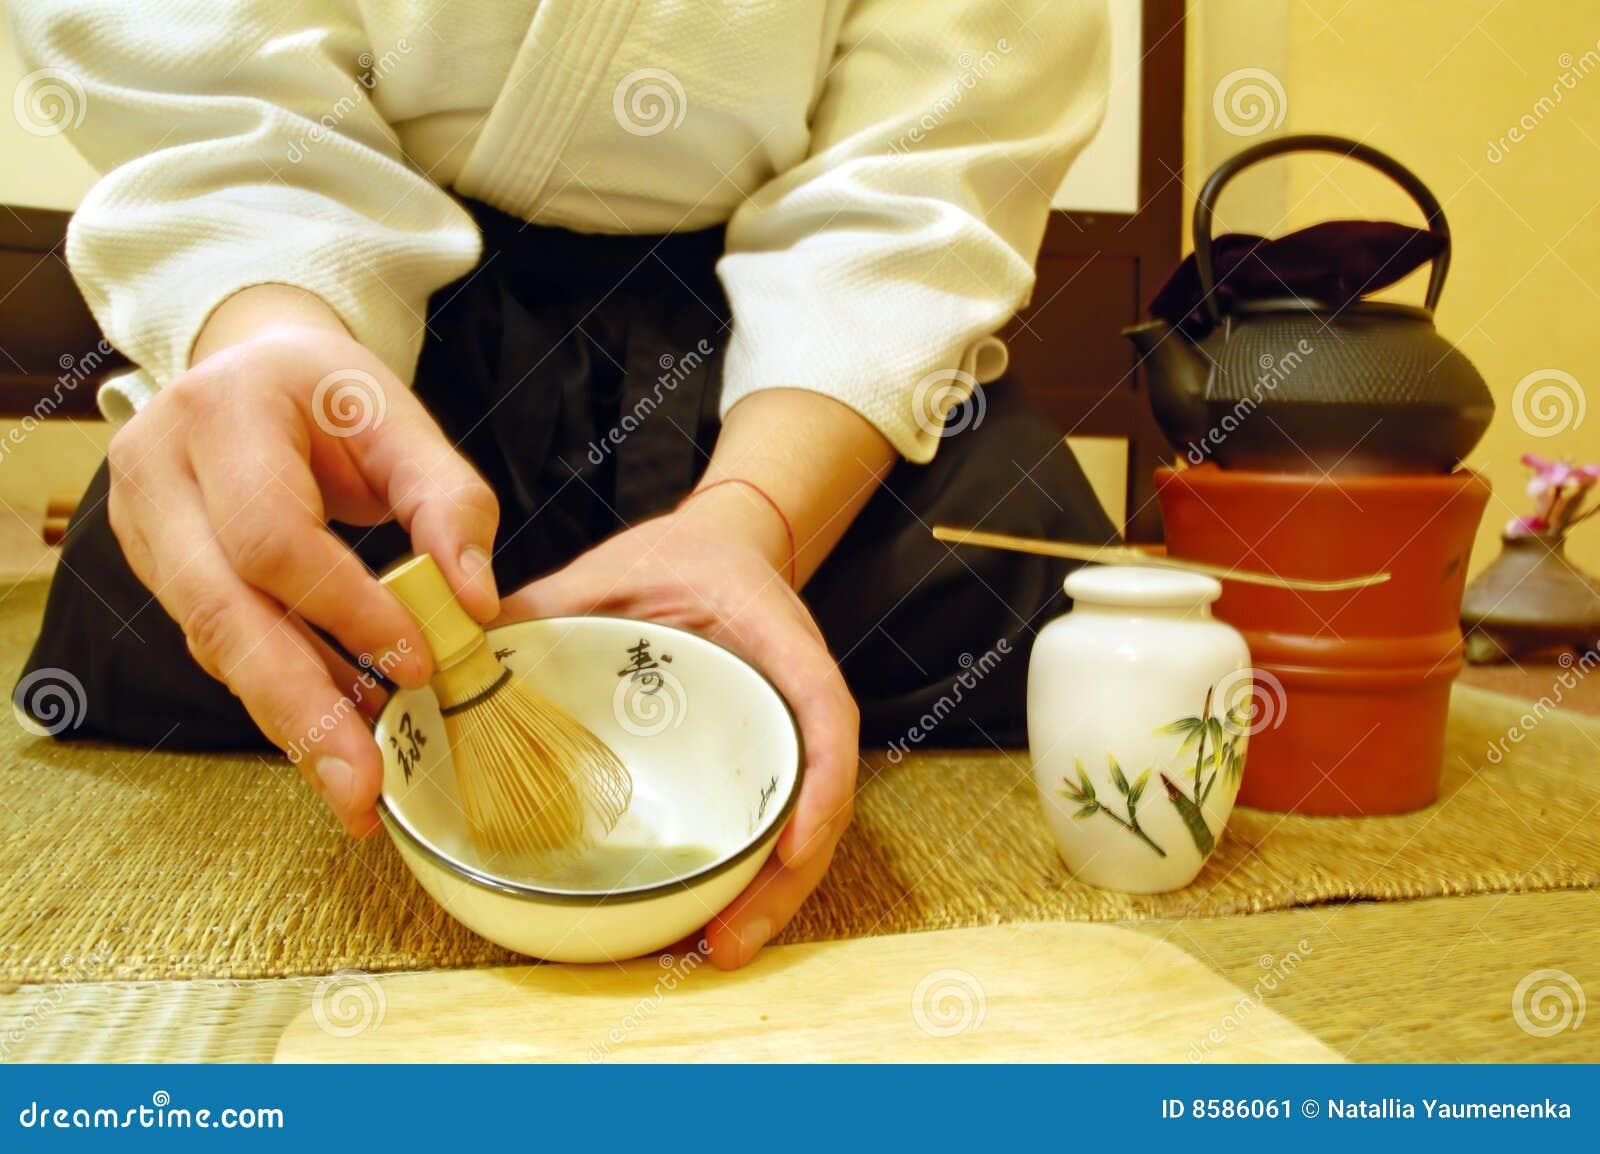 Japanese Tea Ceremony Stock Image Image Of Making